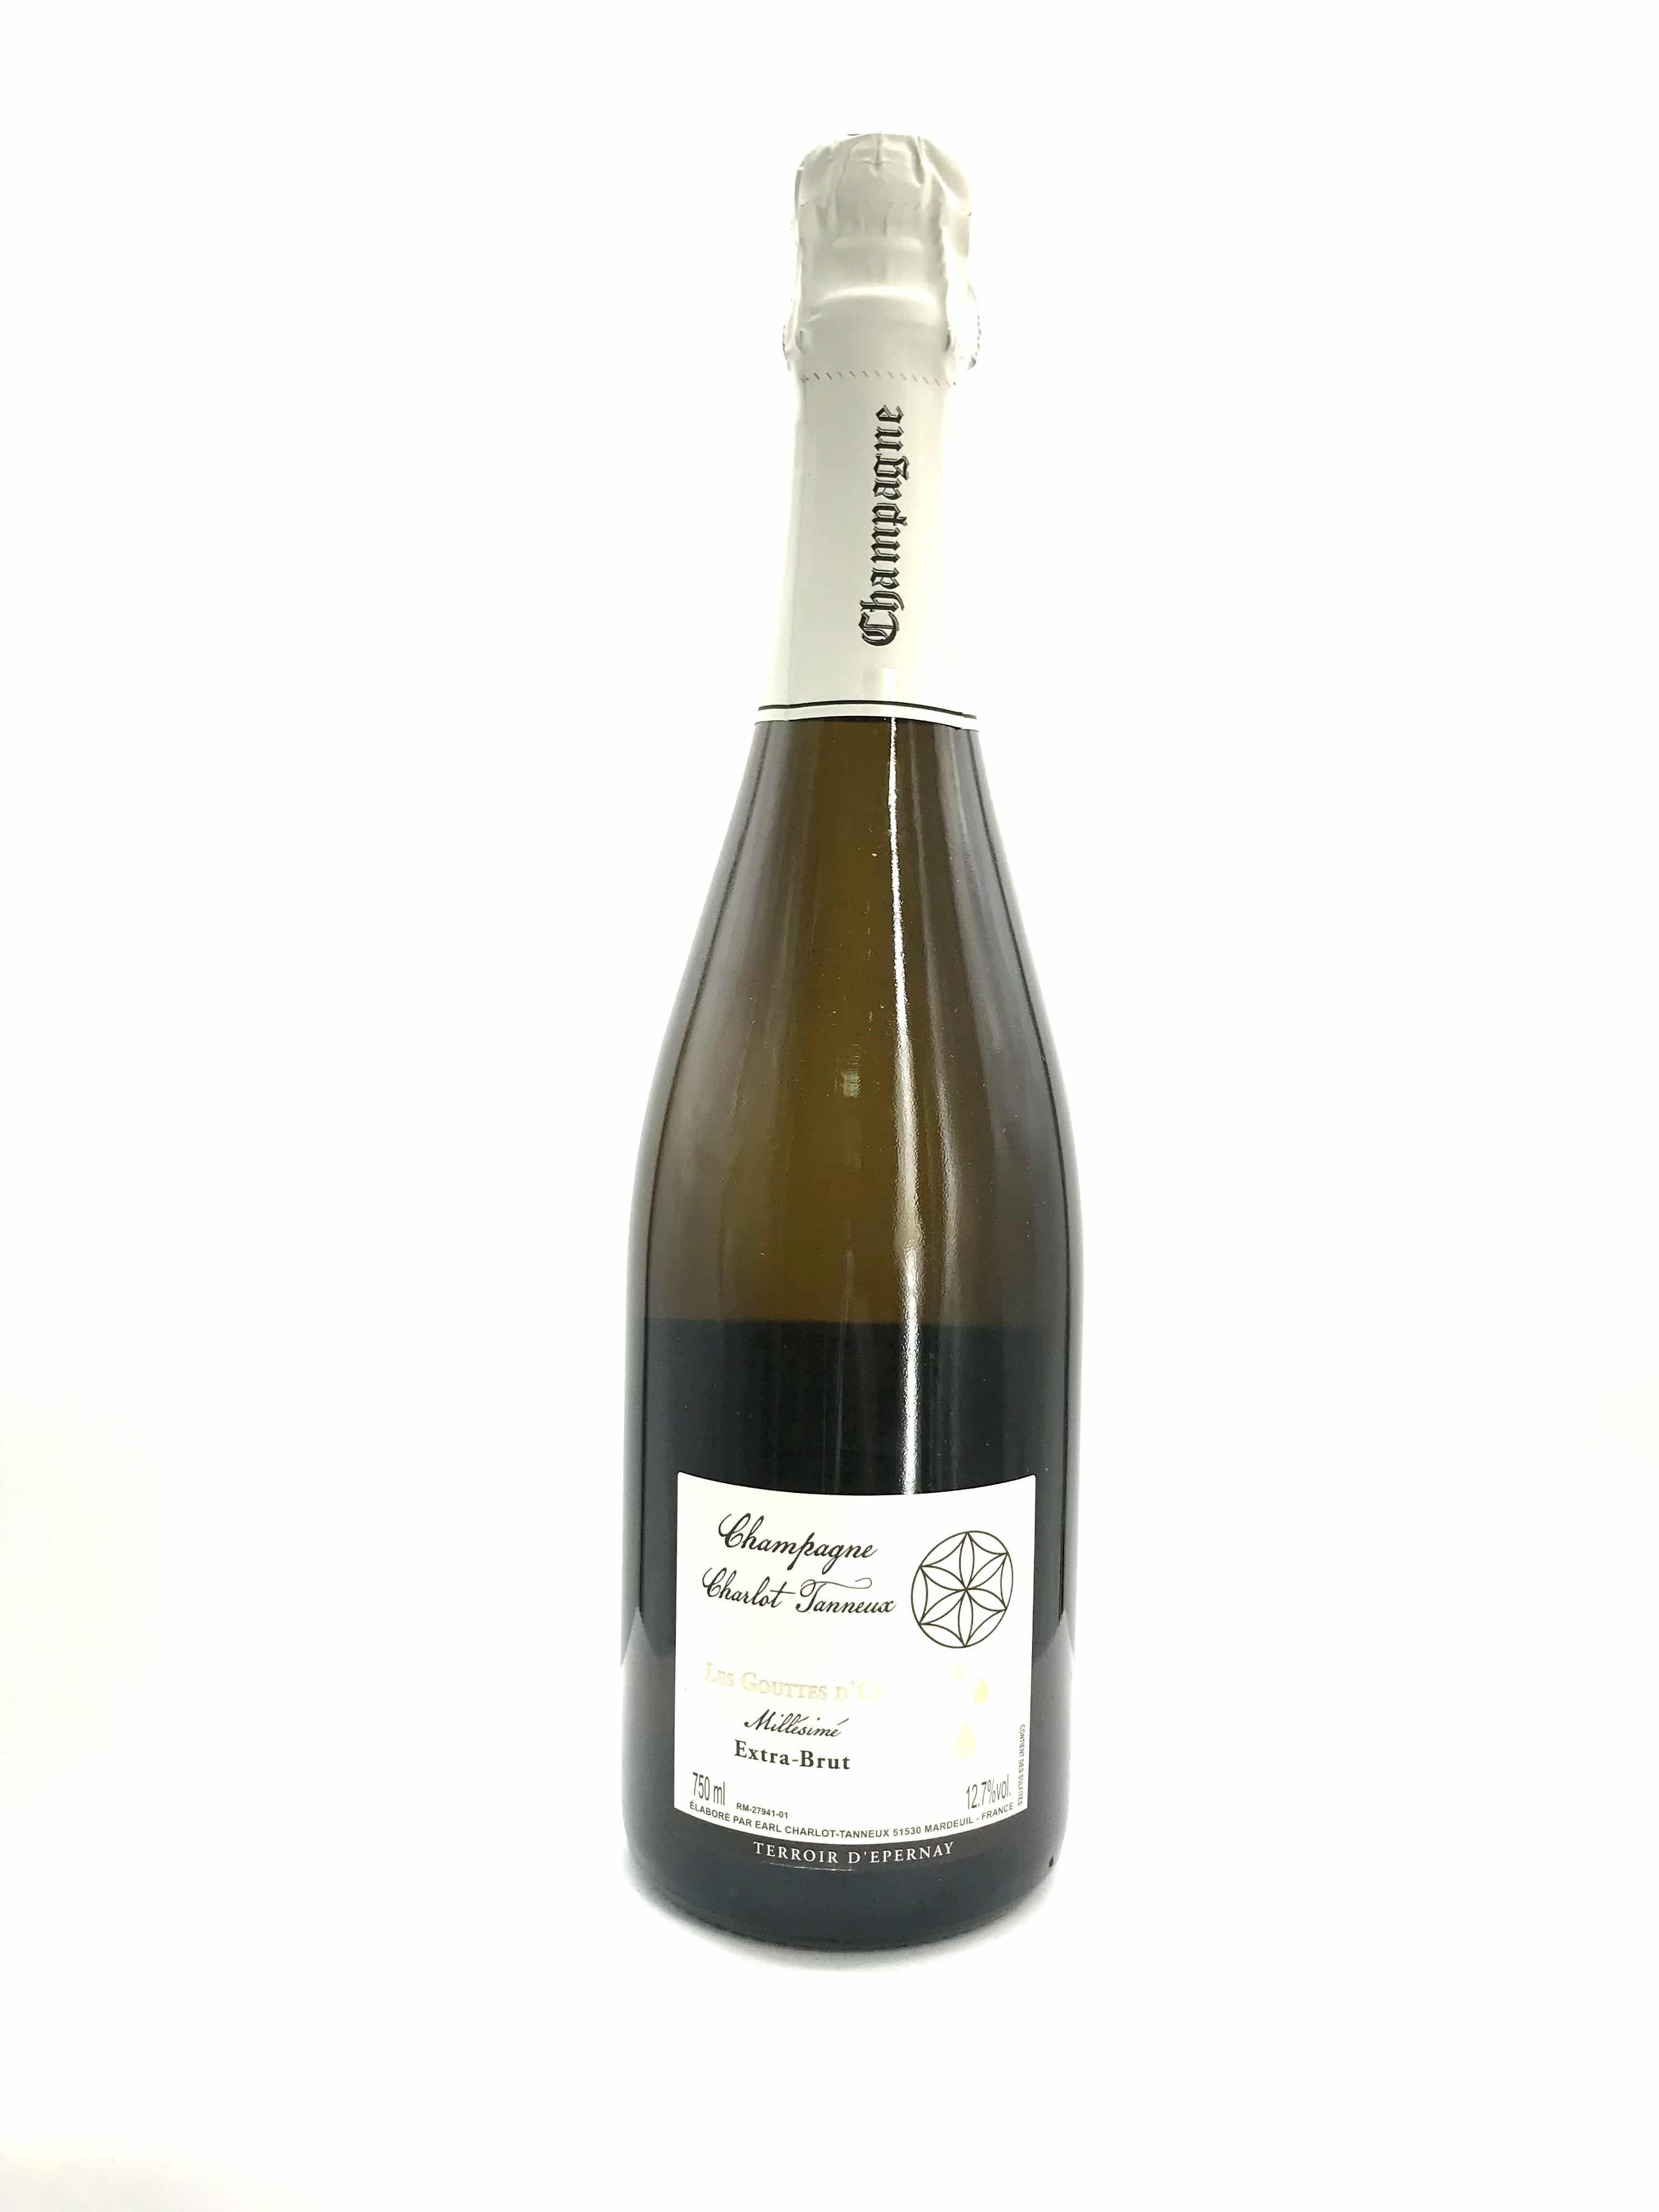 Champagne Charlot Tanneux Les Gouttes D´Or